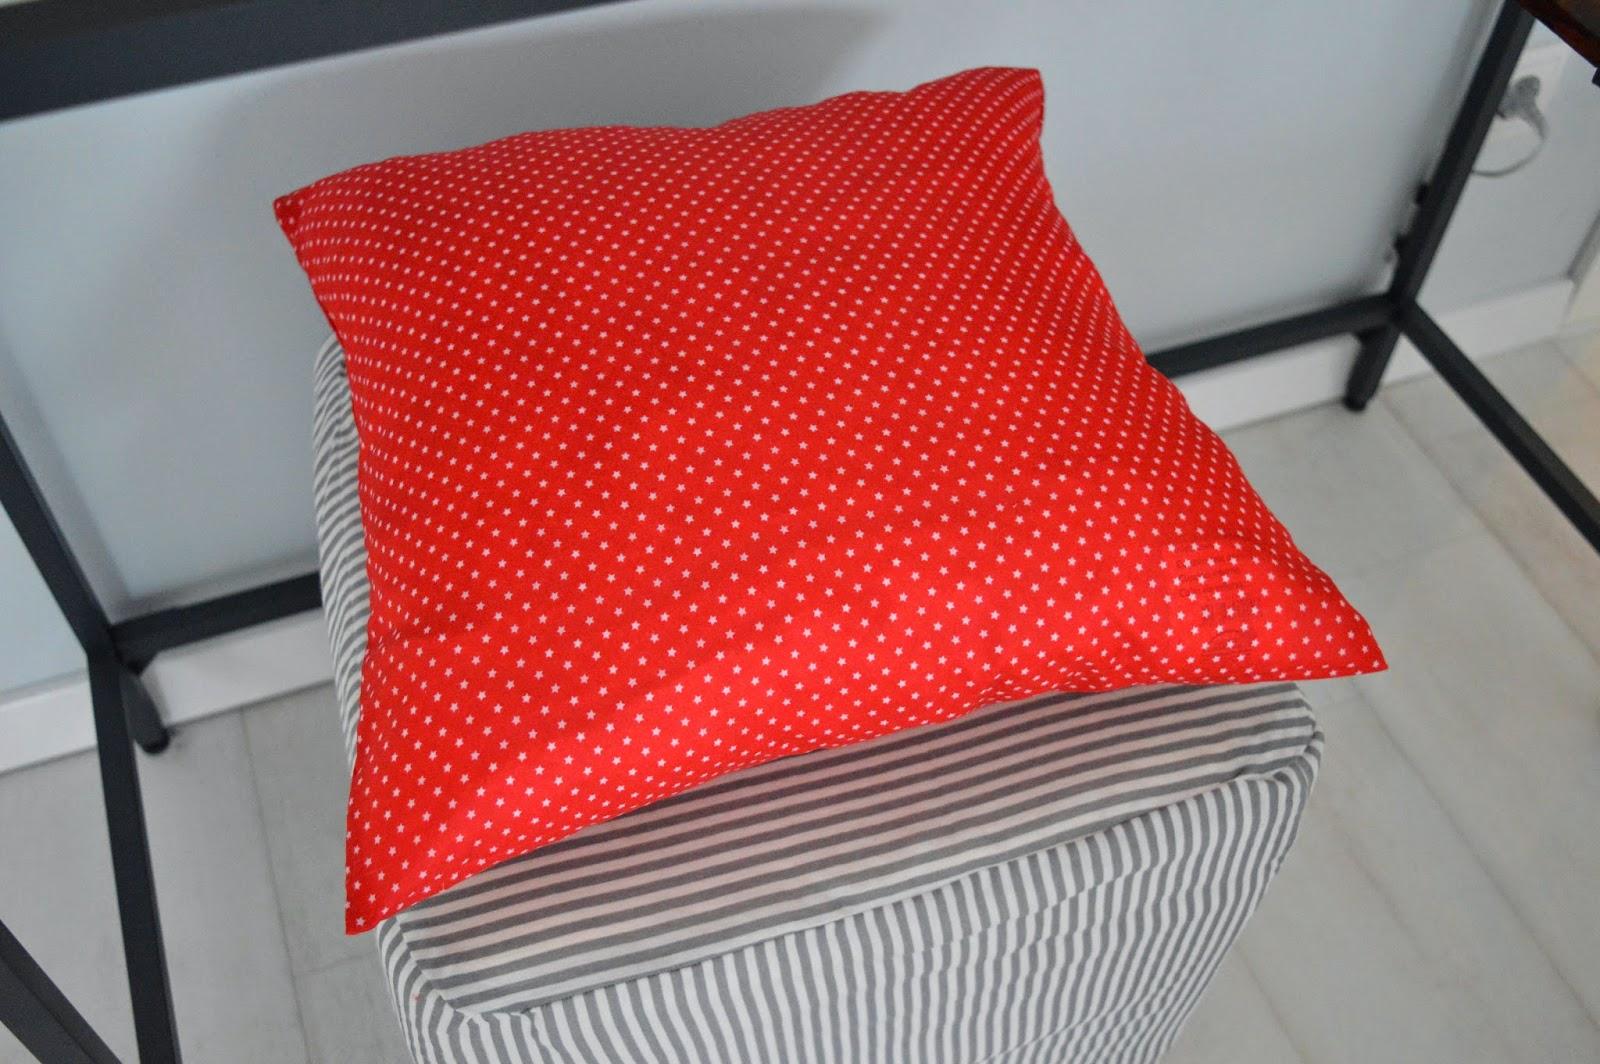 heim elich was wie weihnachtsdeko. Black Bedroom Furniture Sets. Home Design Ideas